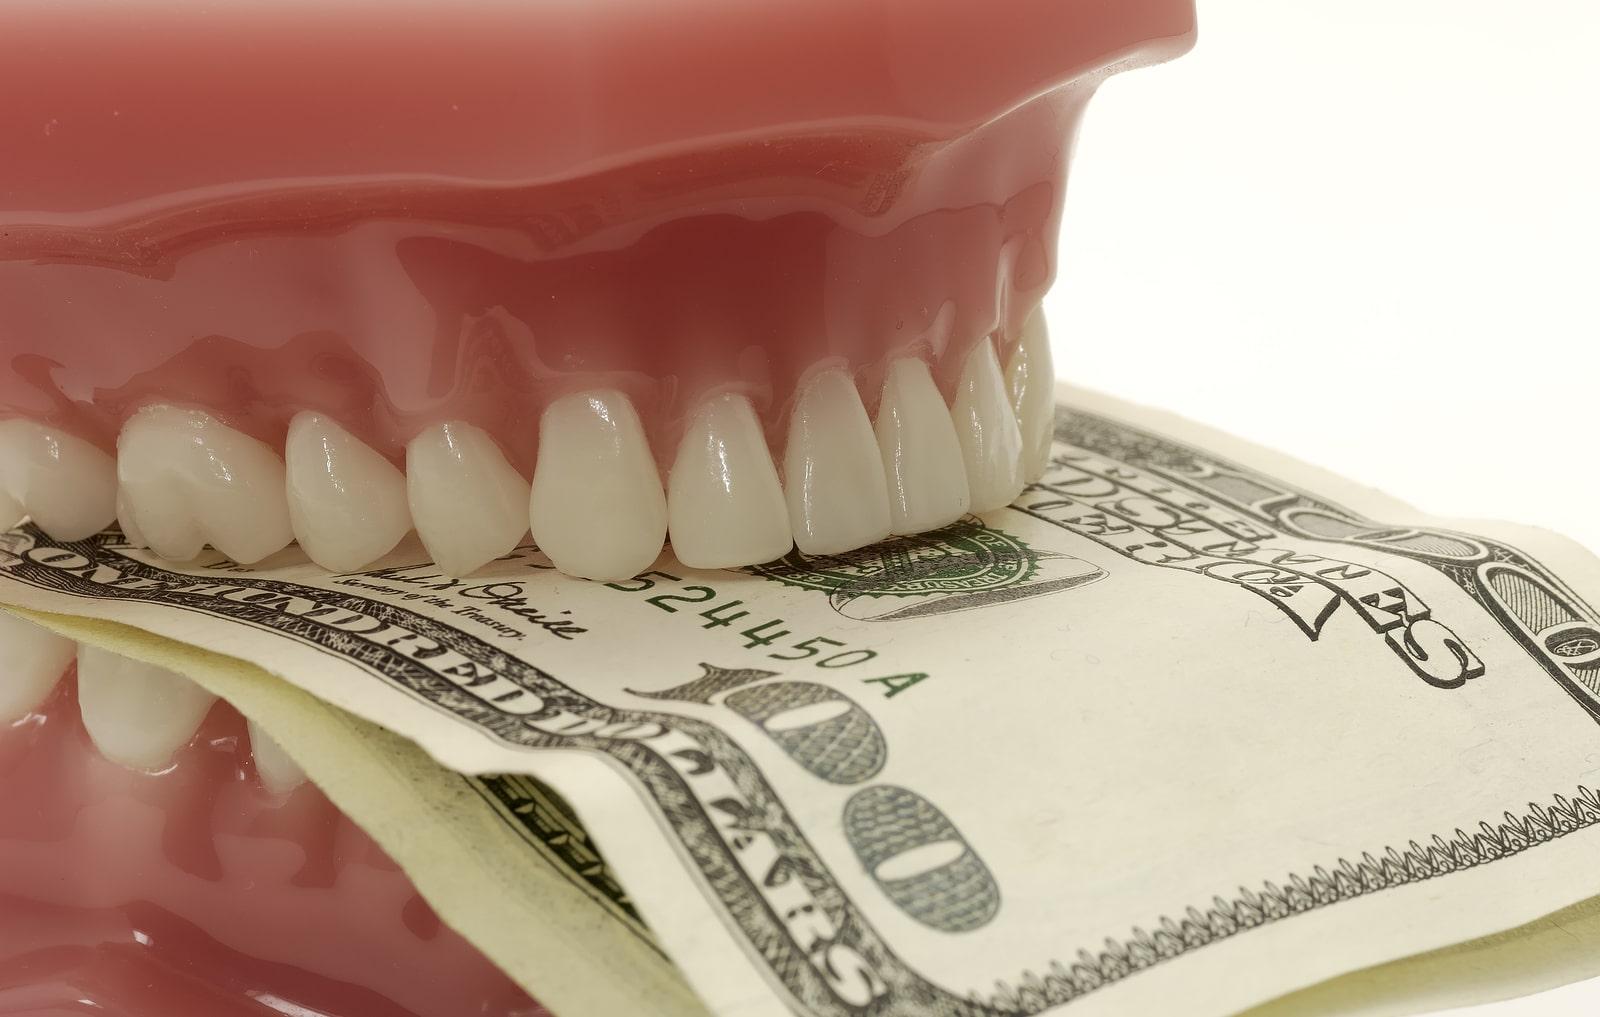 ارتودنسی-دندان نیش نهفته